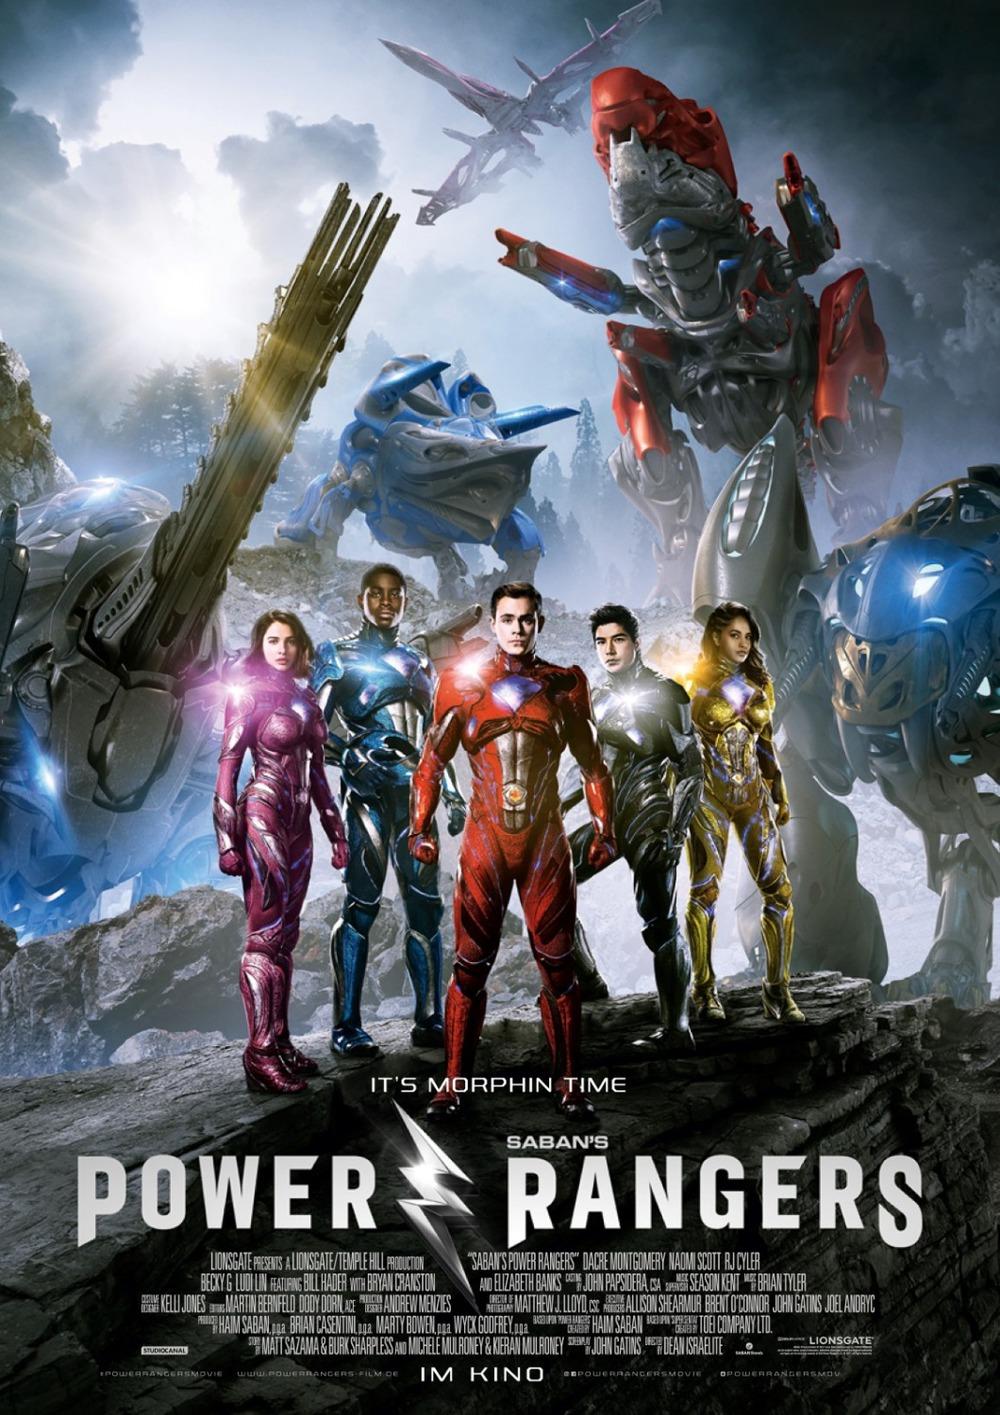 Power Rangers DVD Release Date | Redbox, Netflix, iTunes ...